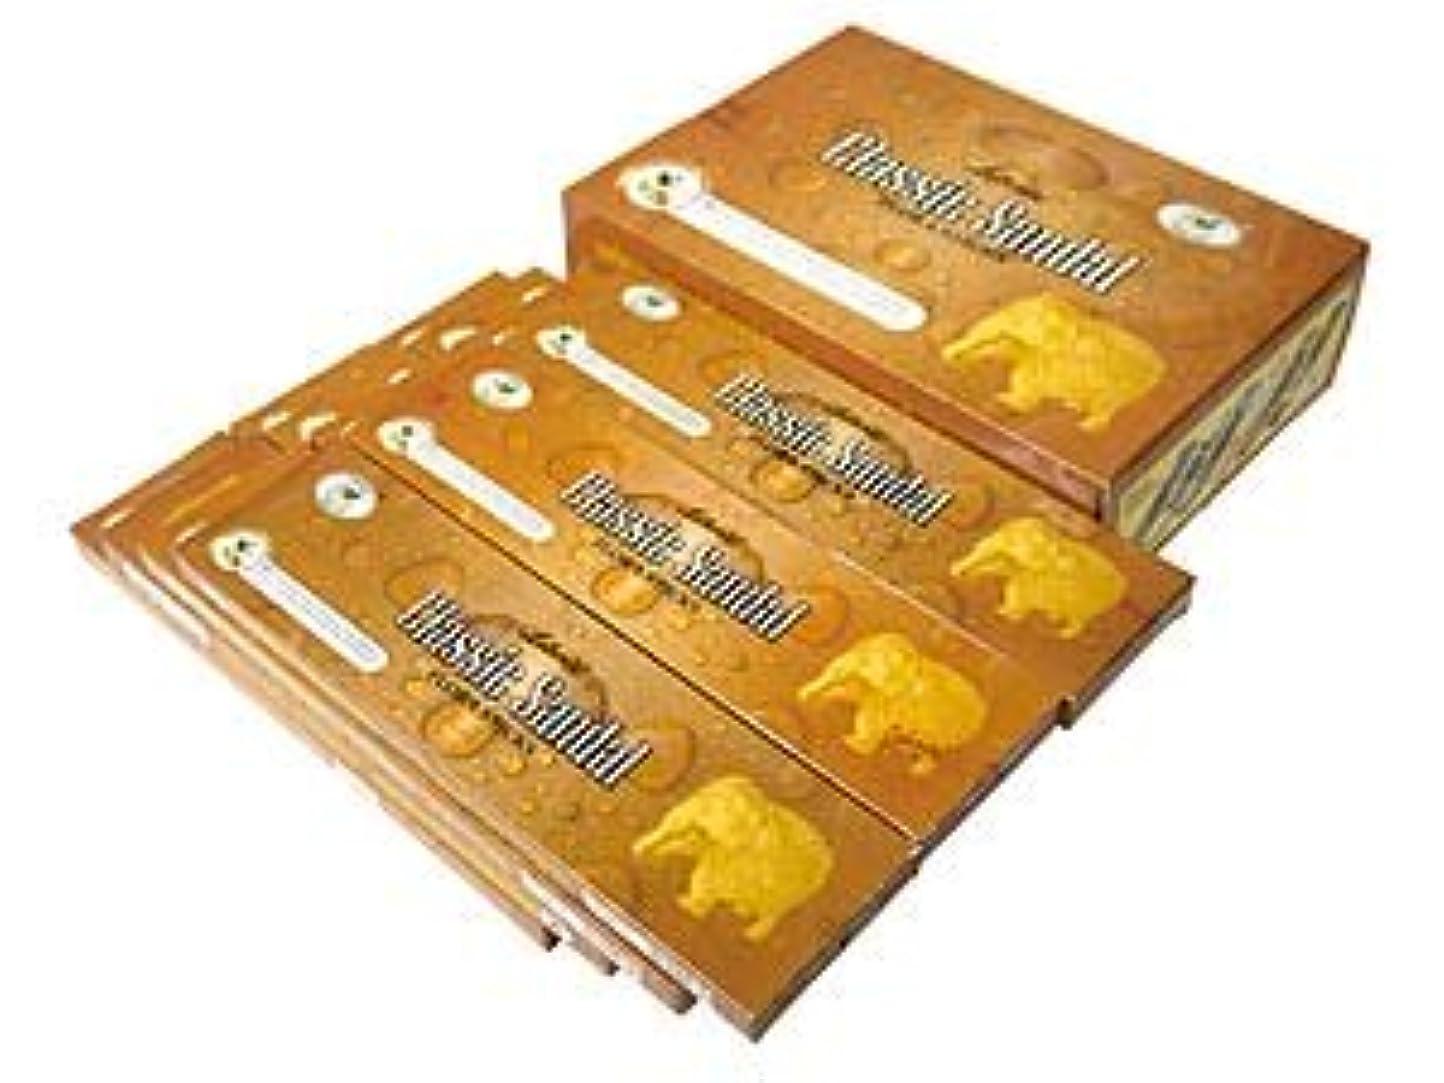 意識汚れた殺人者LIBERTY'S(リバティーズ) クラシックサンダル香 スティック CLASSICSANDAL 12箱セット